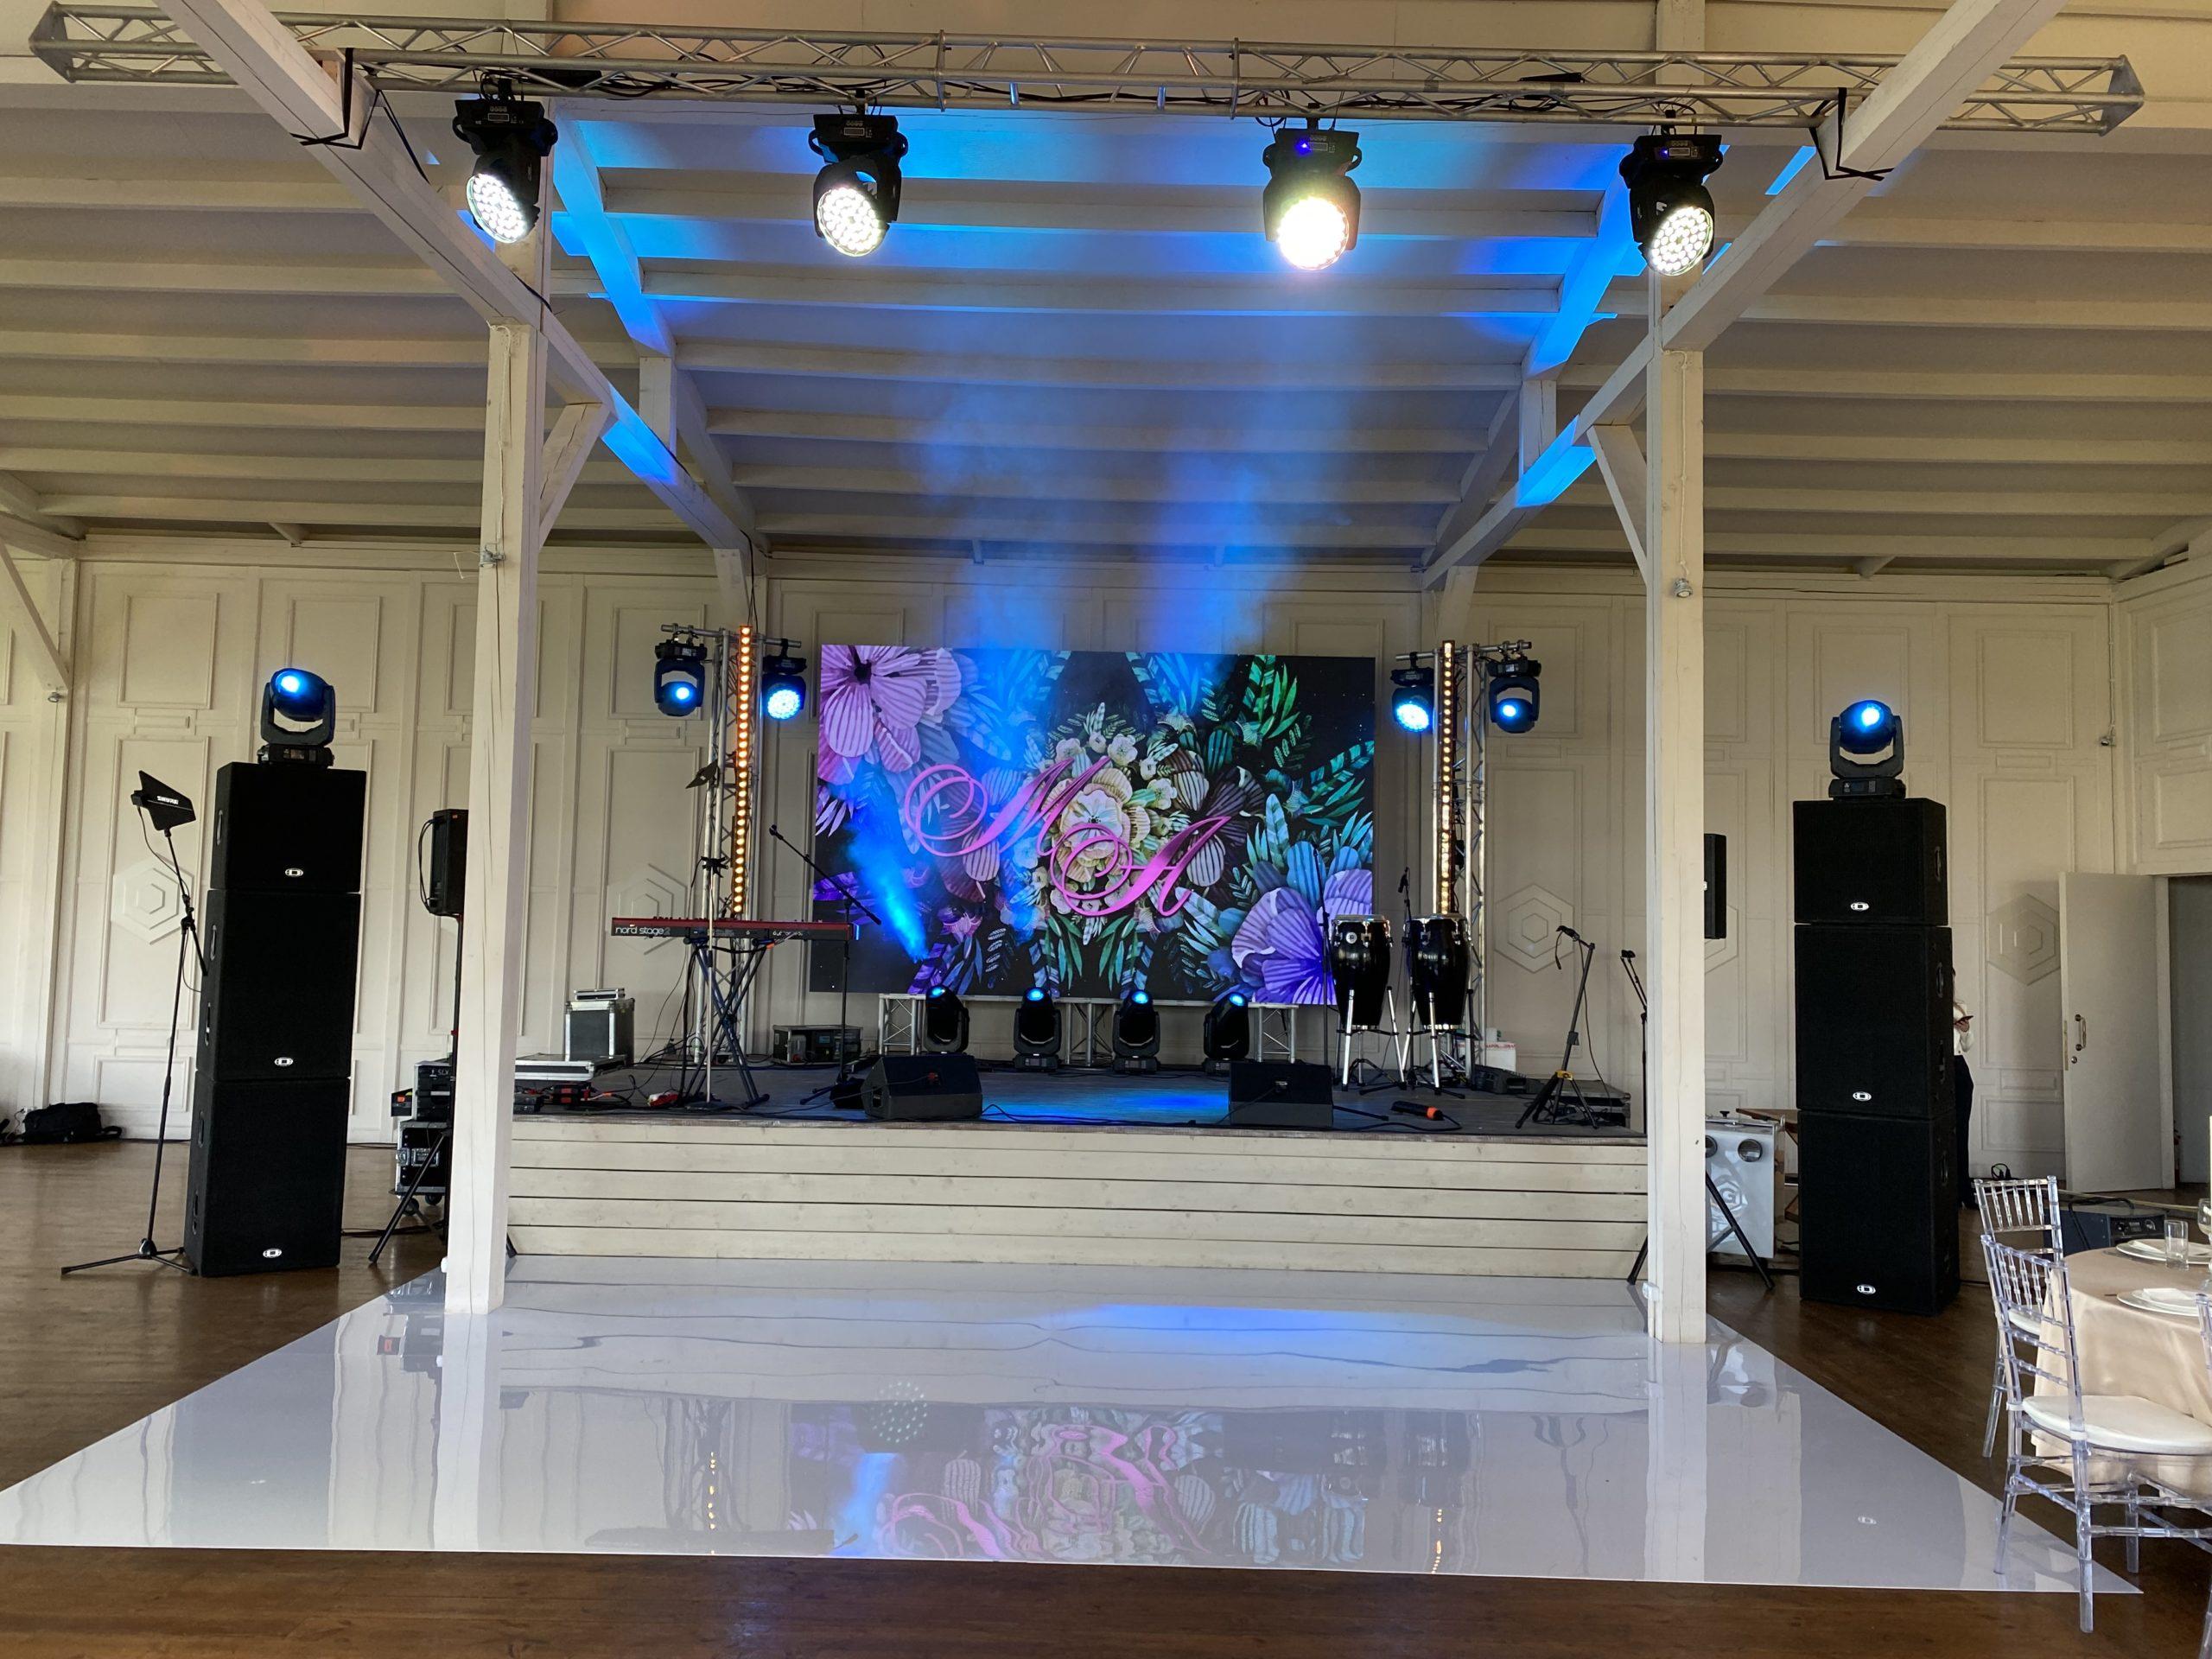 Свадьба в Сохо Кантри Клаб. Аренда светодиодного экрана, звука, света, бэклайна для праздника